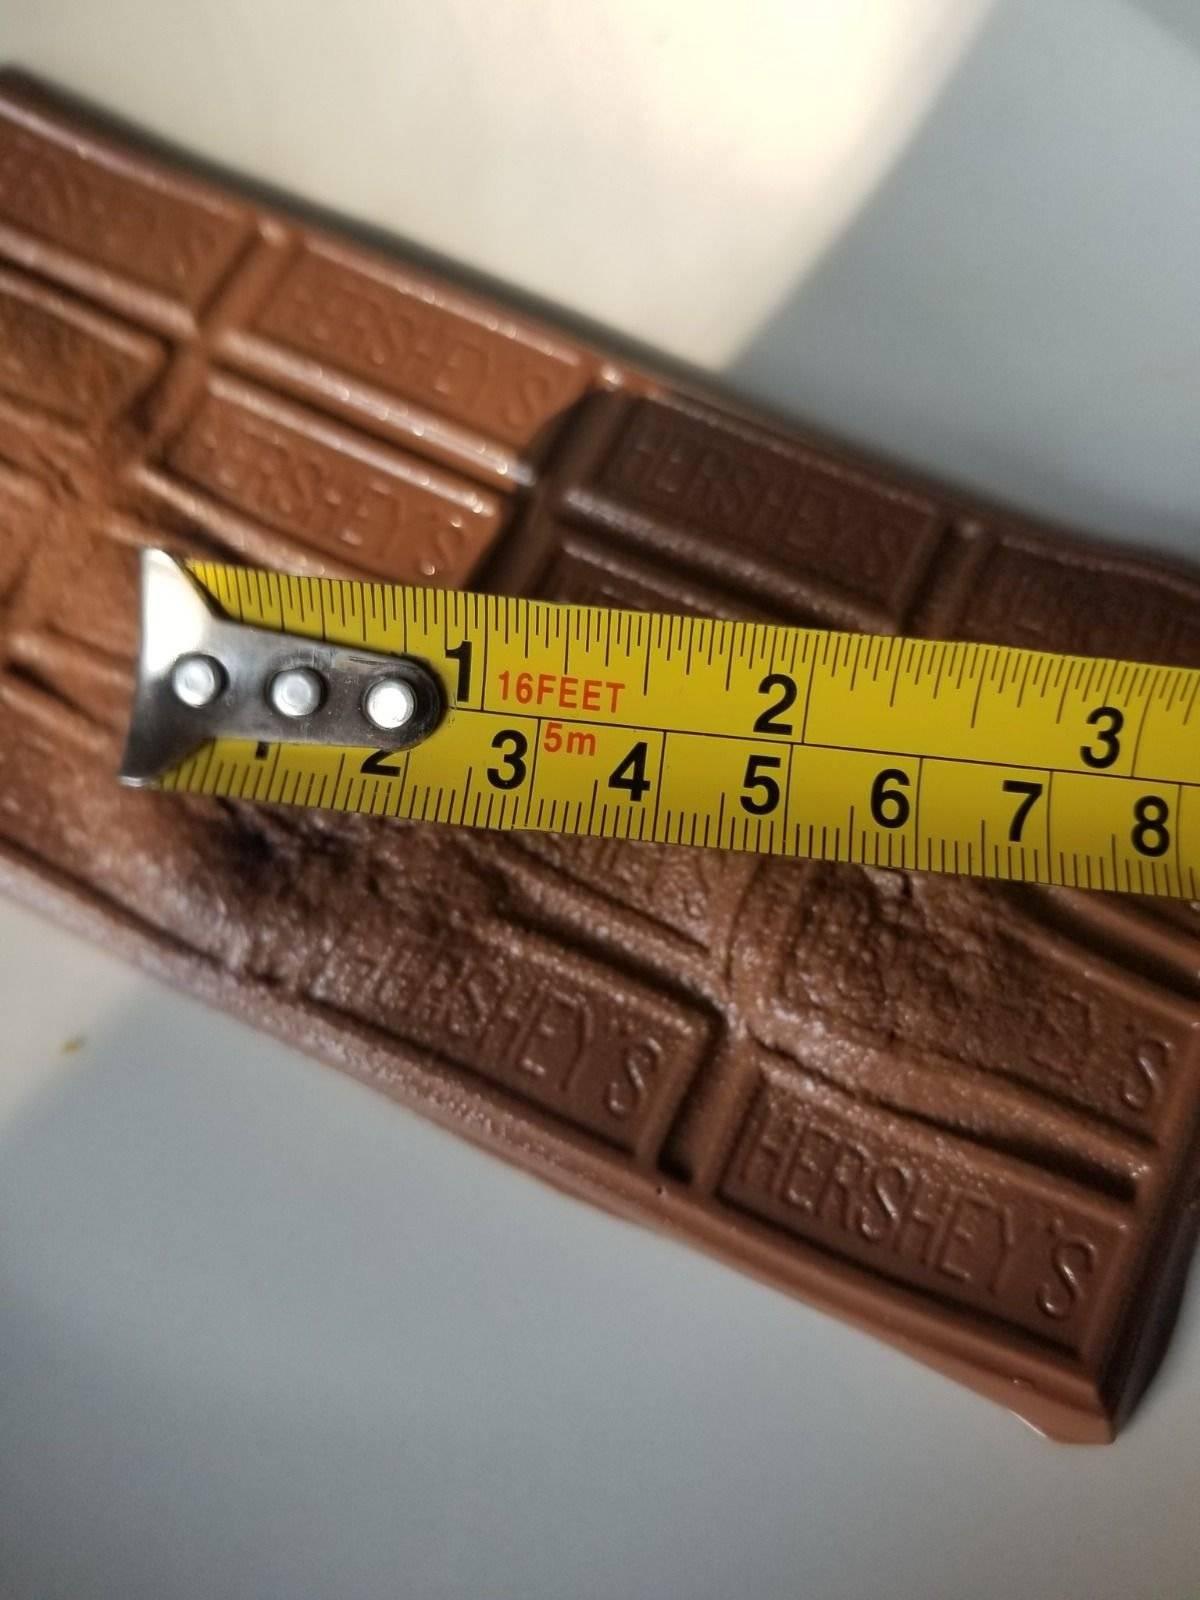 초콜릿으로 빛의 속도 재는 법 | 인스티즈